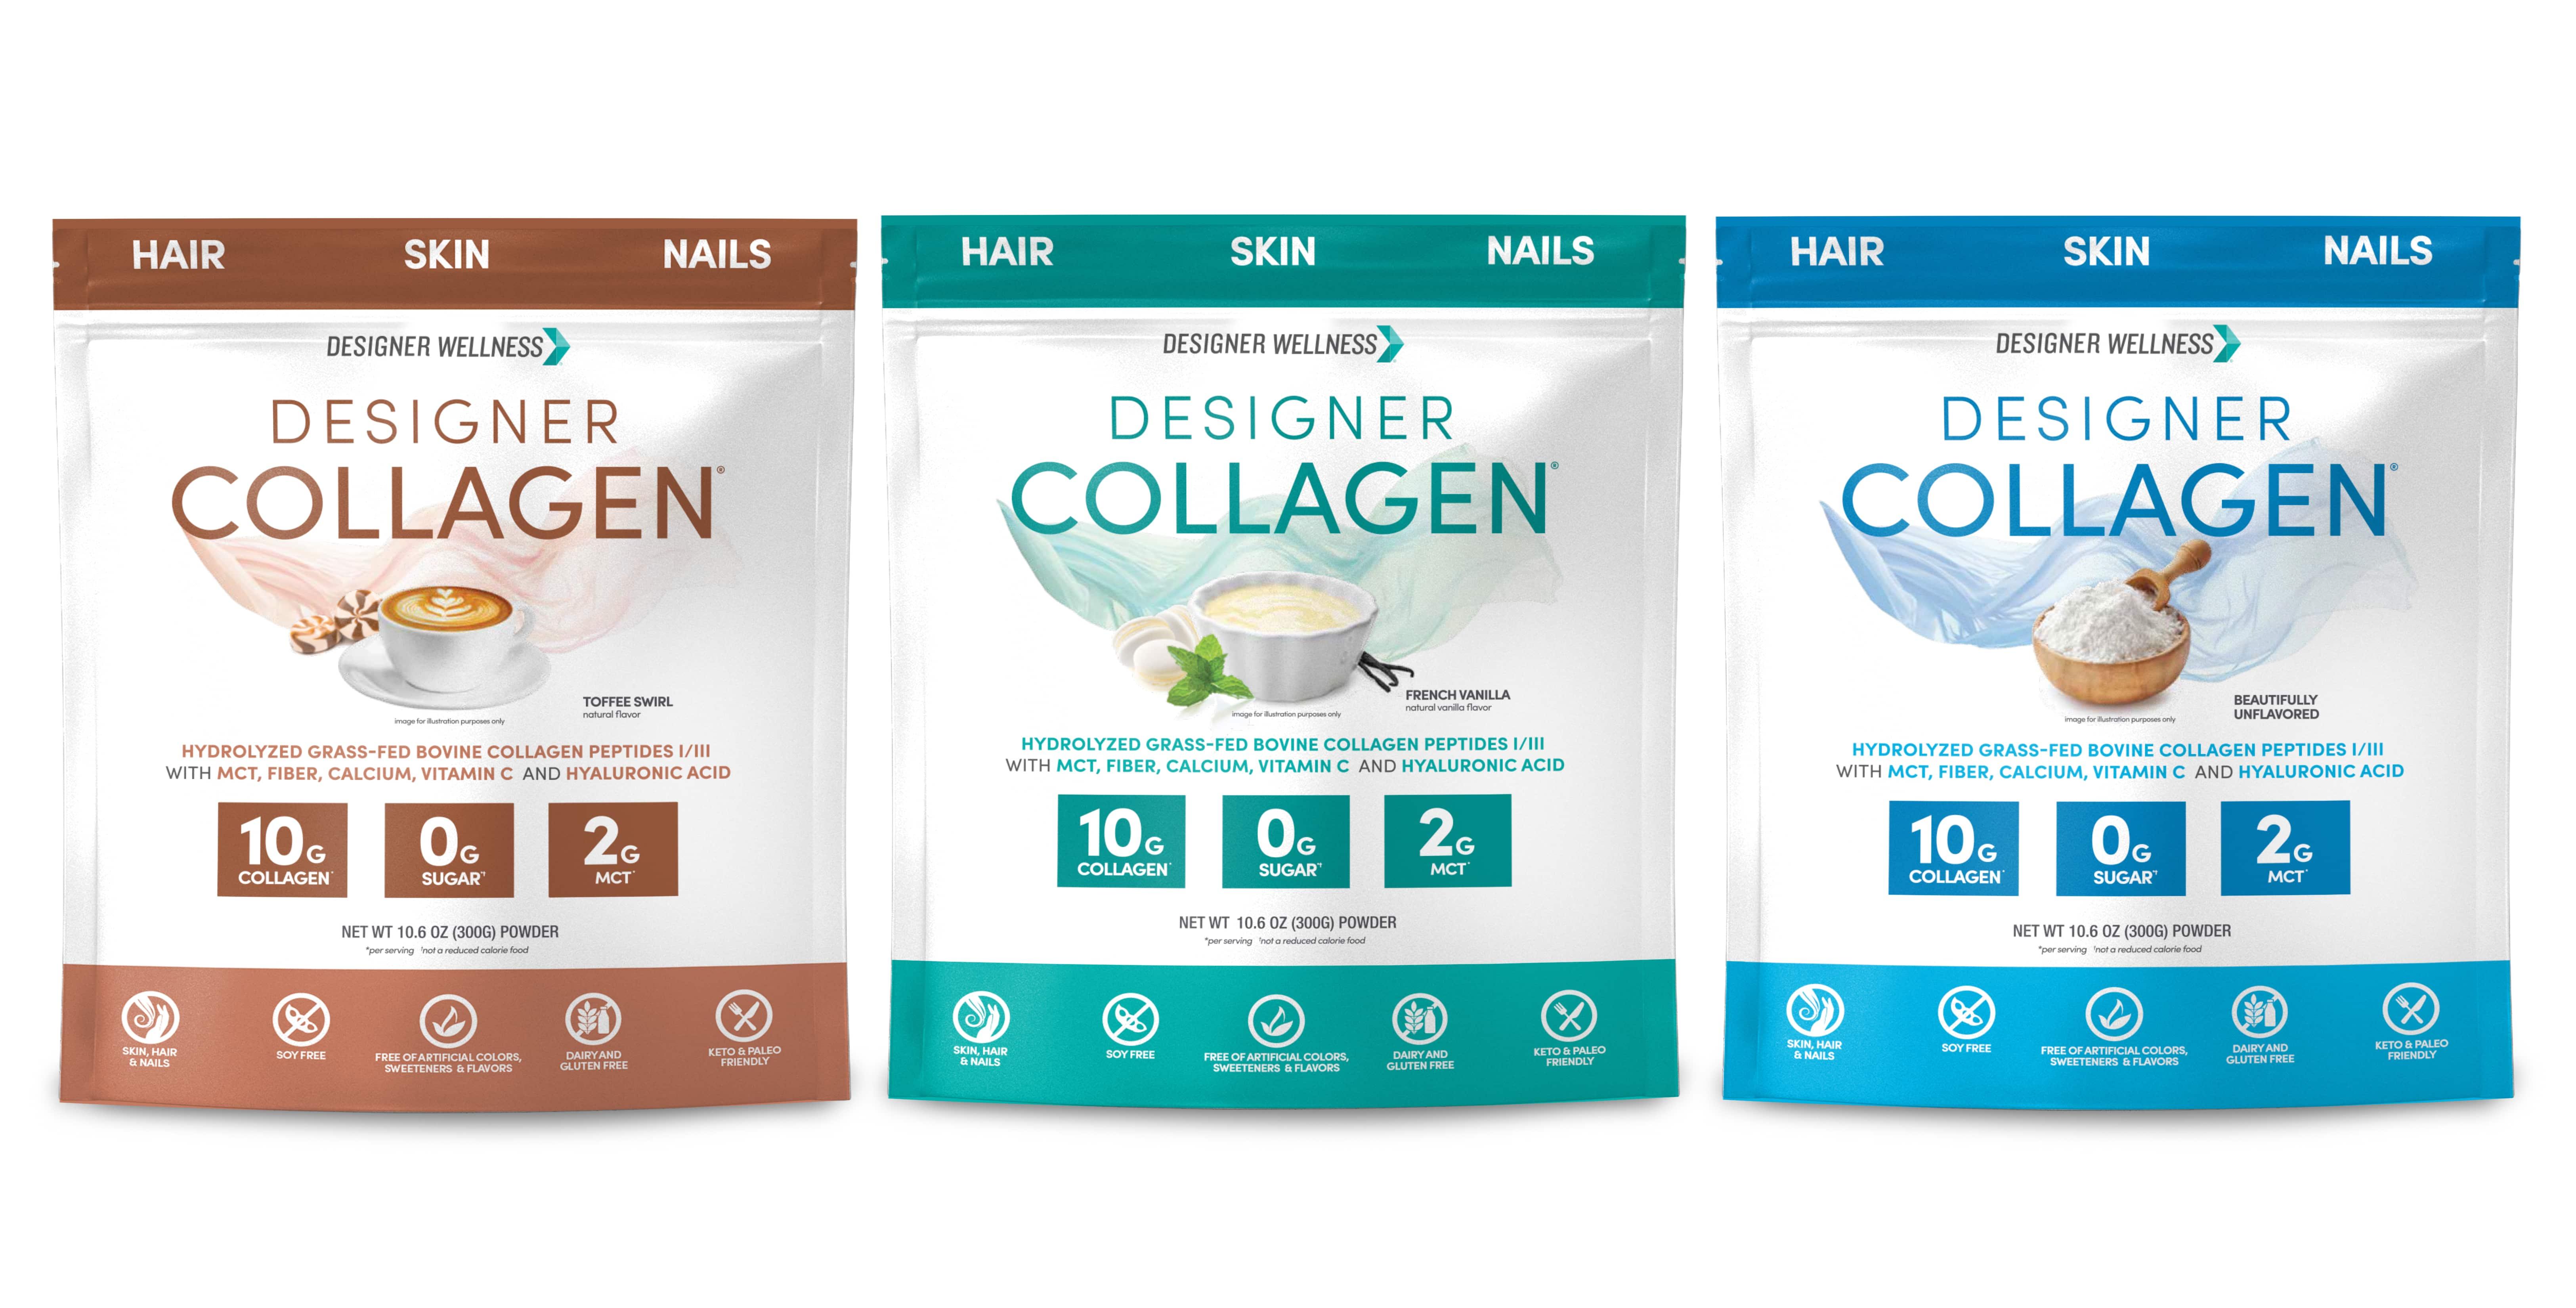 Designer Protein Introduces Designer Collagen